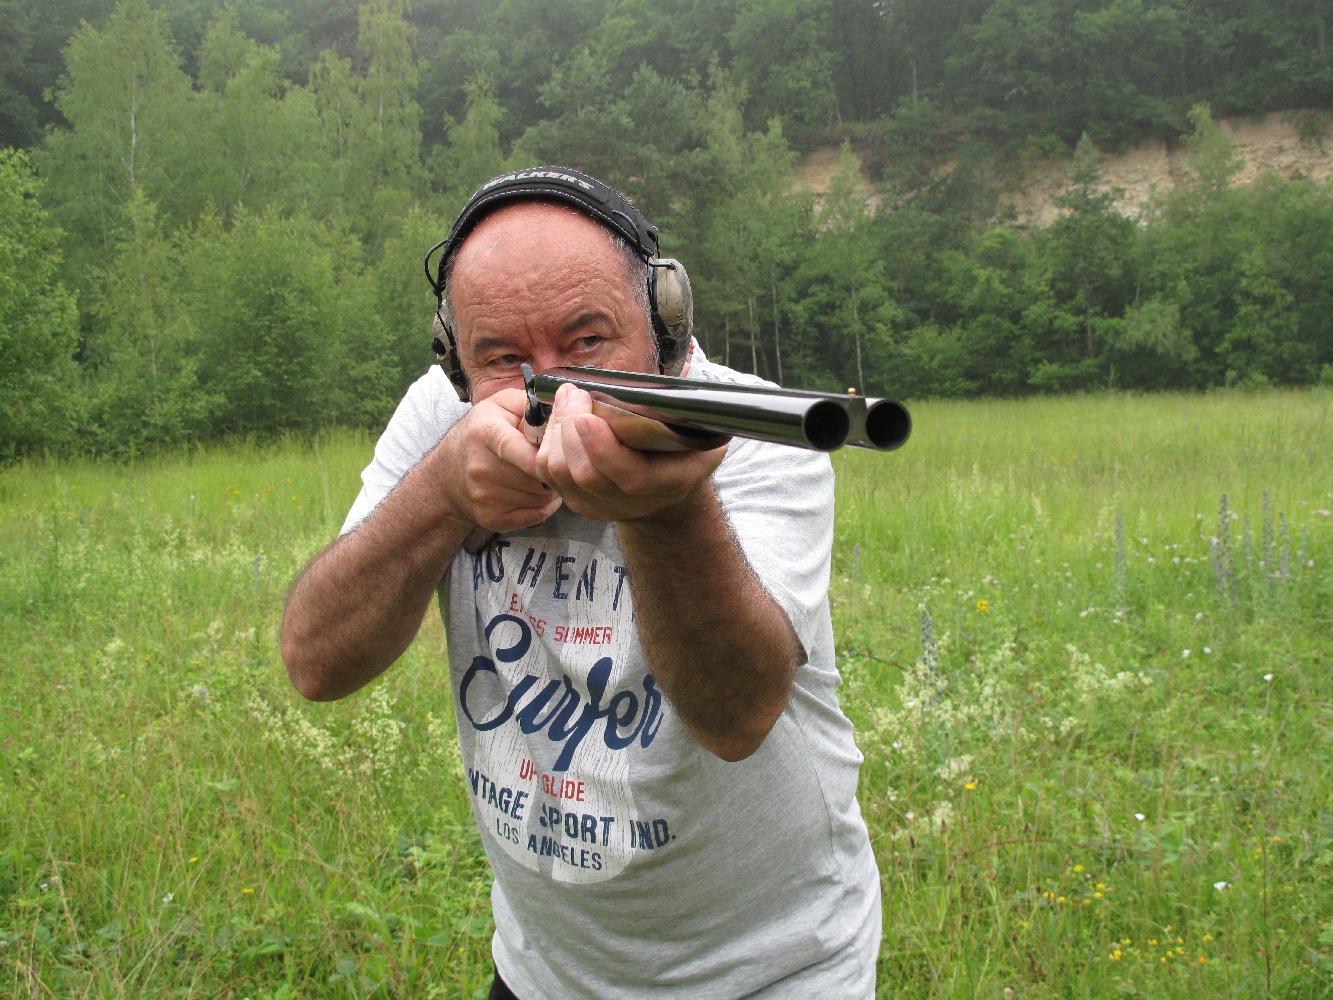 Les bouches béantes des deux canons juxtaposés de calibre 12 (diamètre interne de 18,6 mm) procurent à ce fusil un aspect dissuasif tout à fait convainquant...